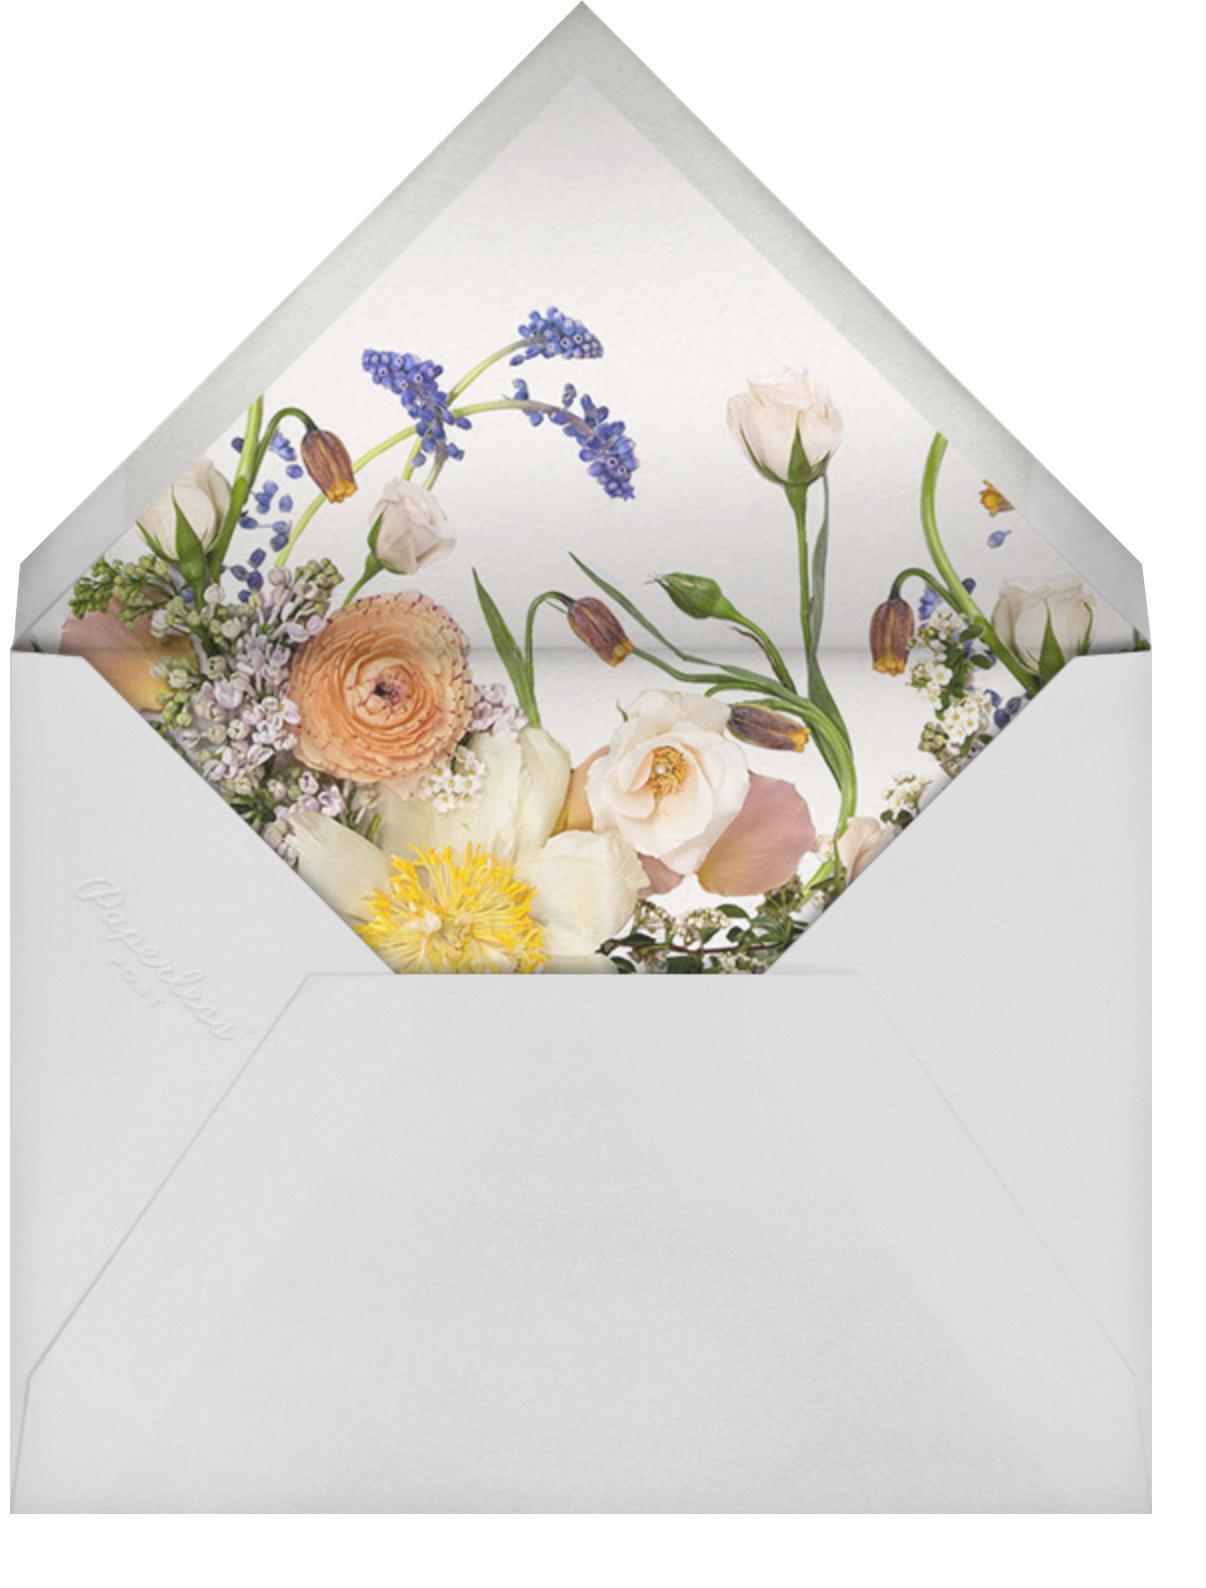 Ventôse - Putnam & Putnam - Mother's Day - envelope back